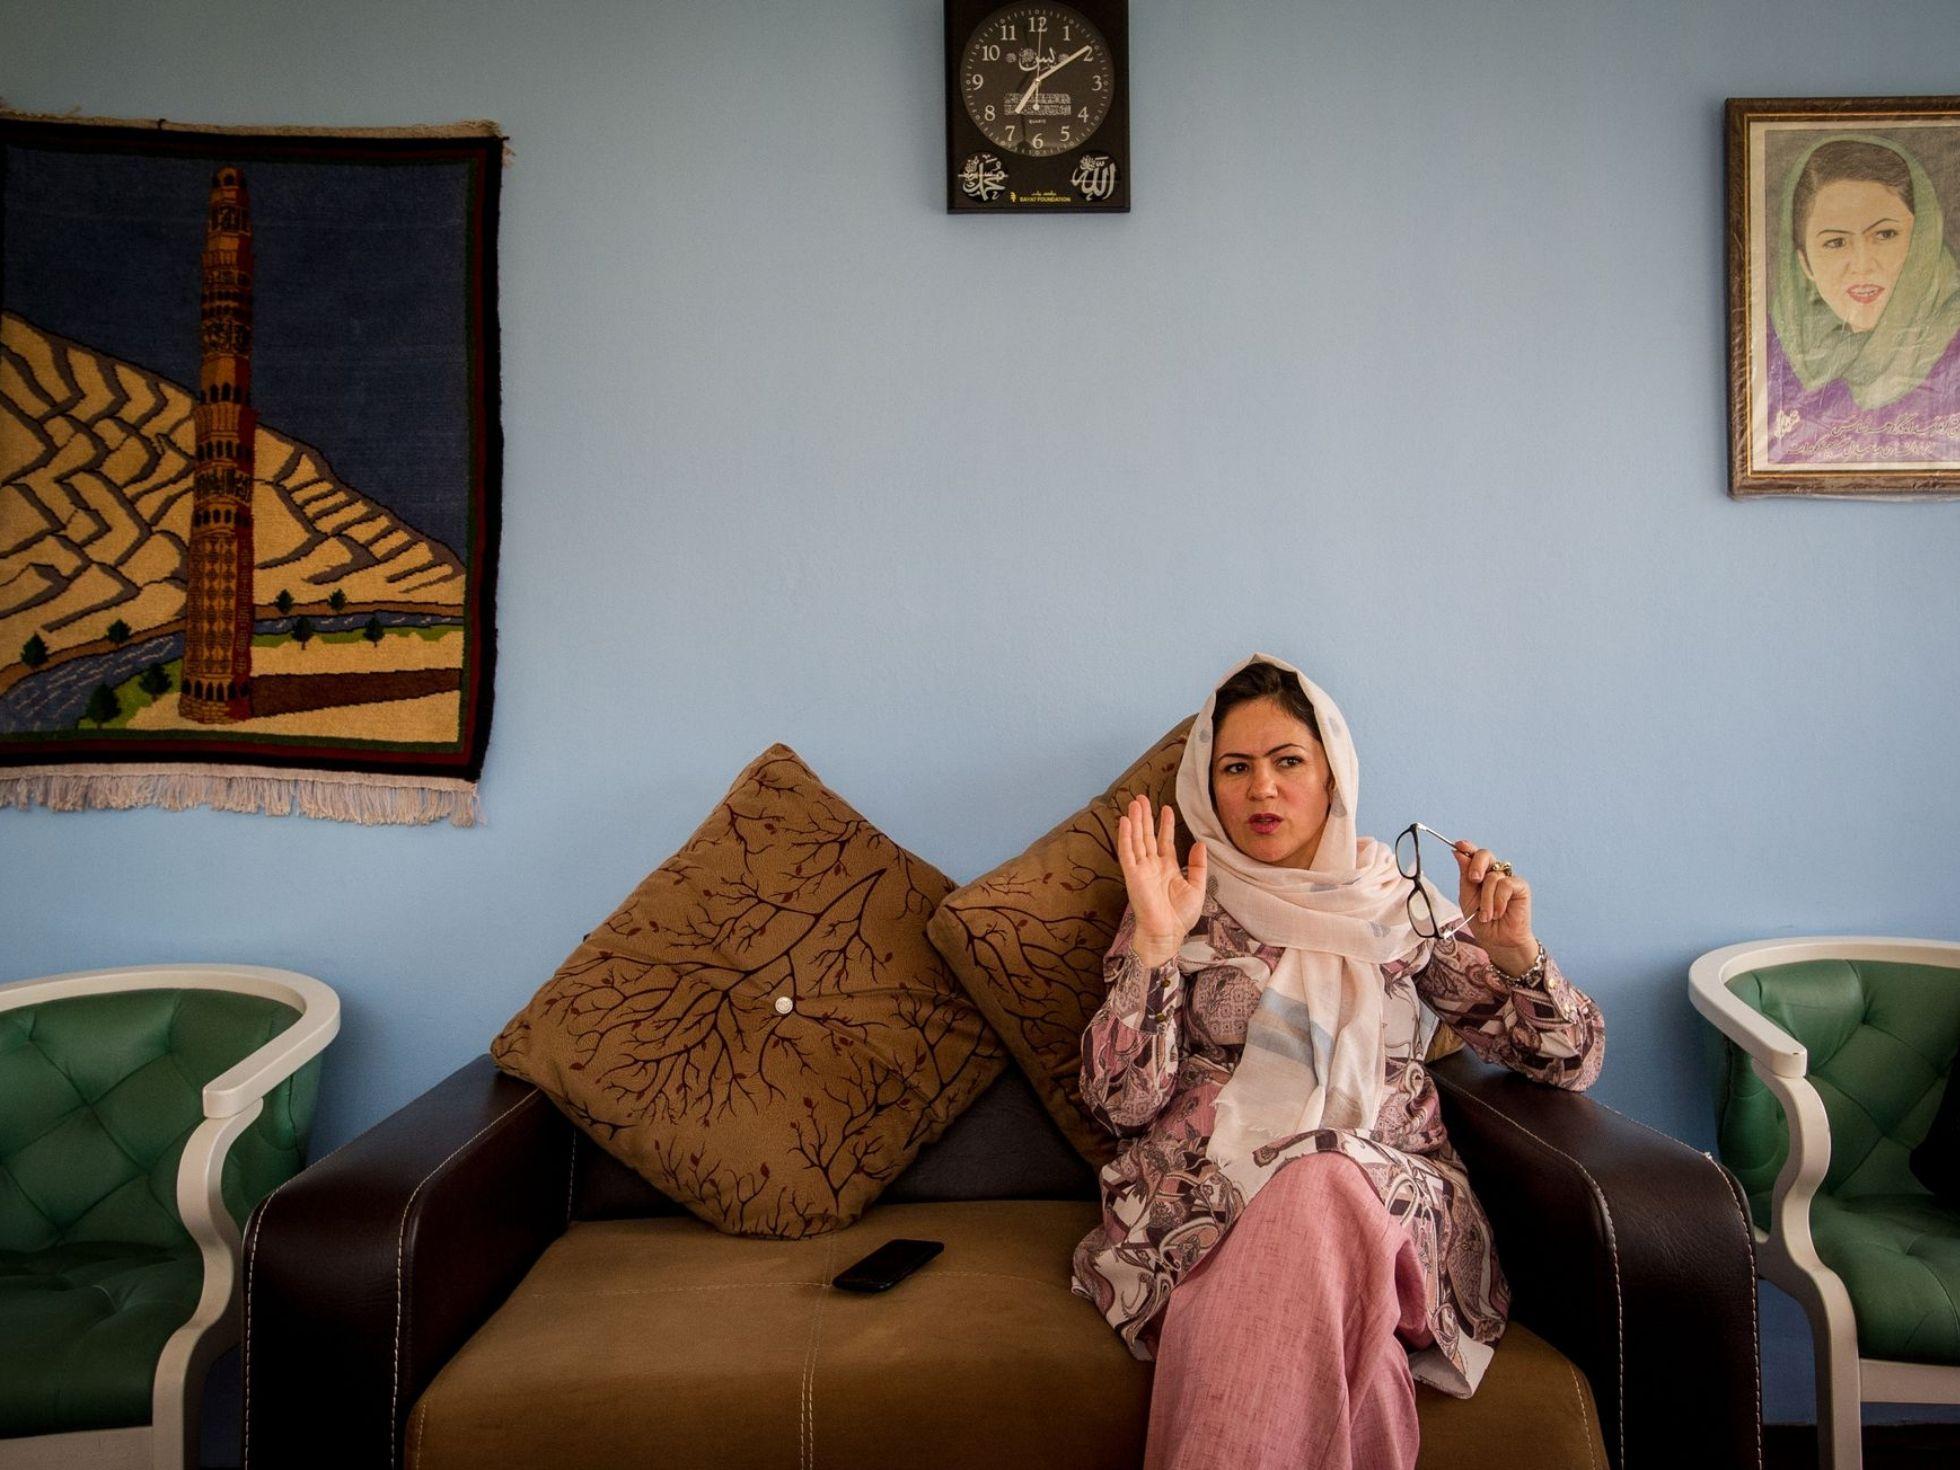 Na mira do Talibã - Deputadas afegãs ficaram expostas a ameaças e intimidações